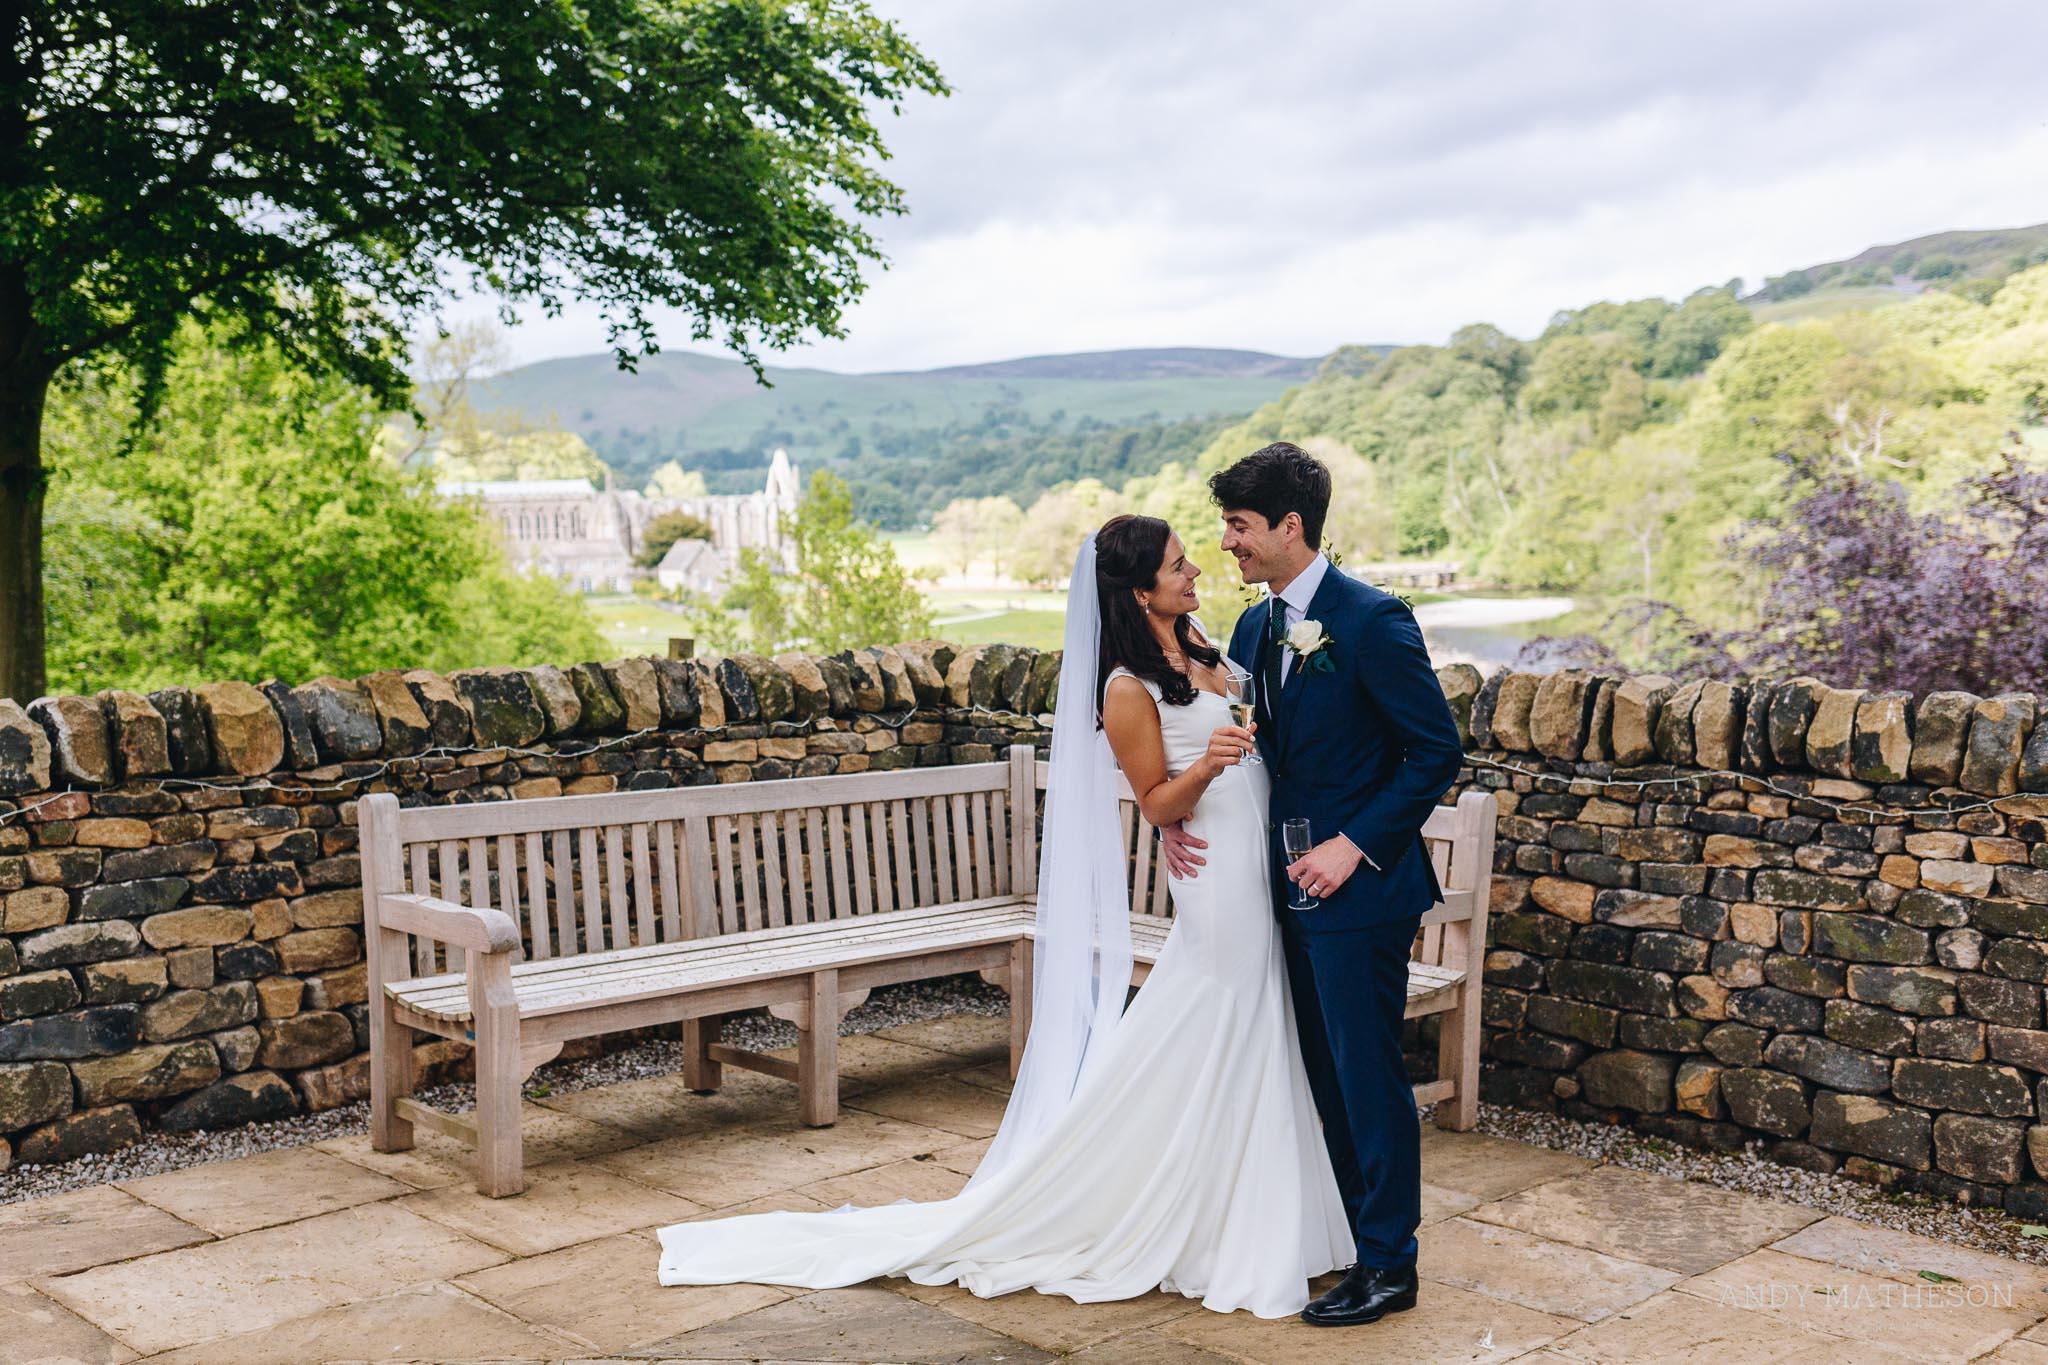 Tithe Barn Bolton Abbey Wedding Photographer_Andy Matheson_052.jpg